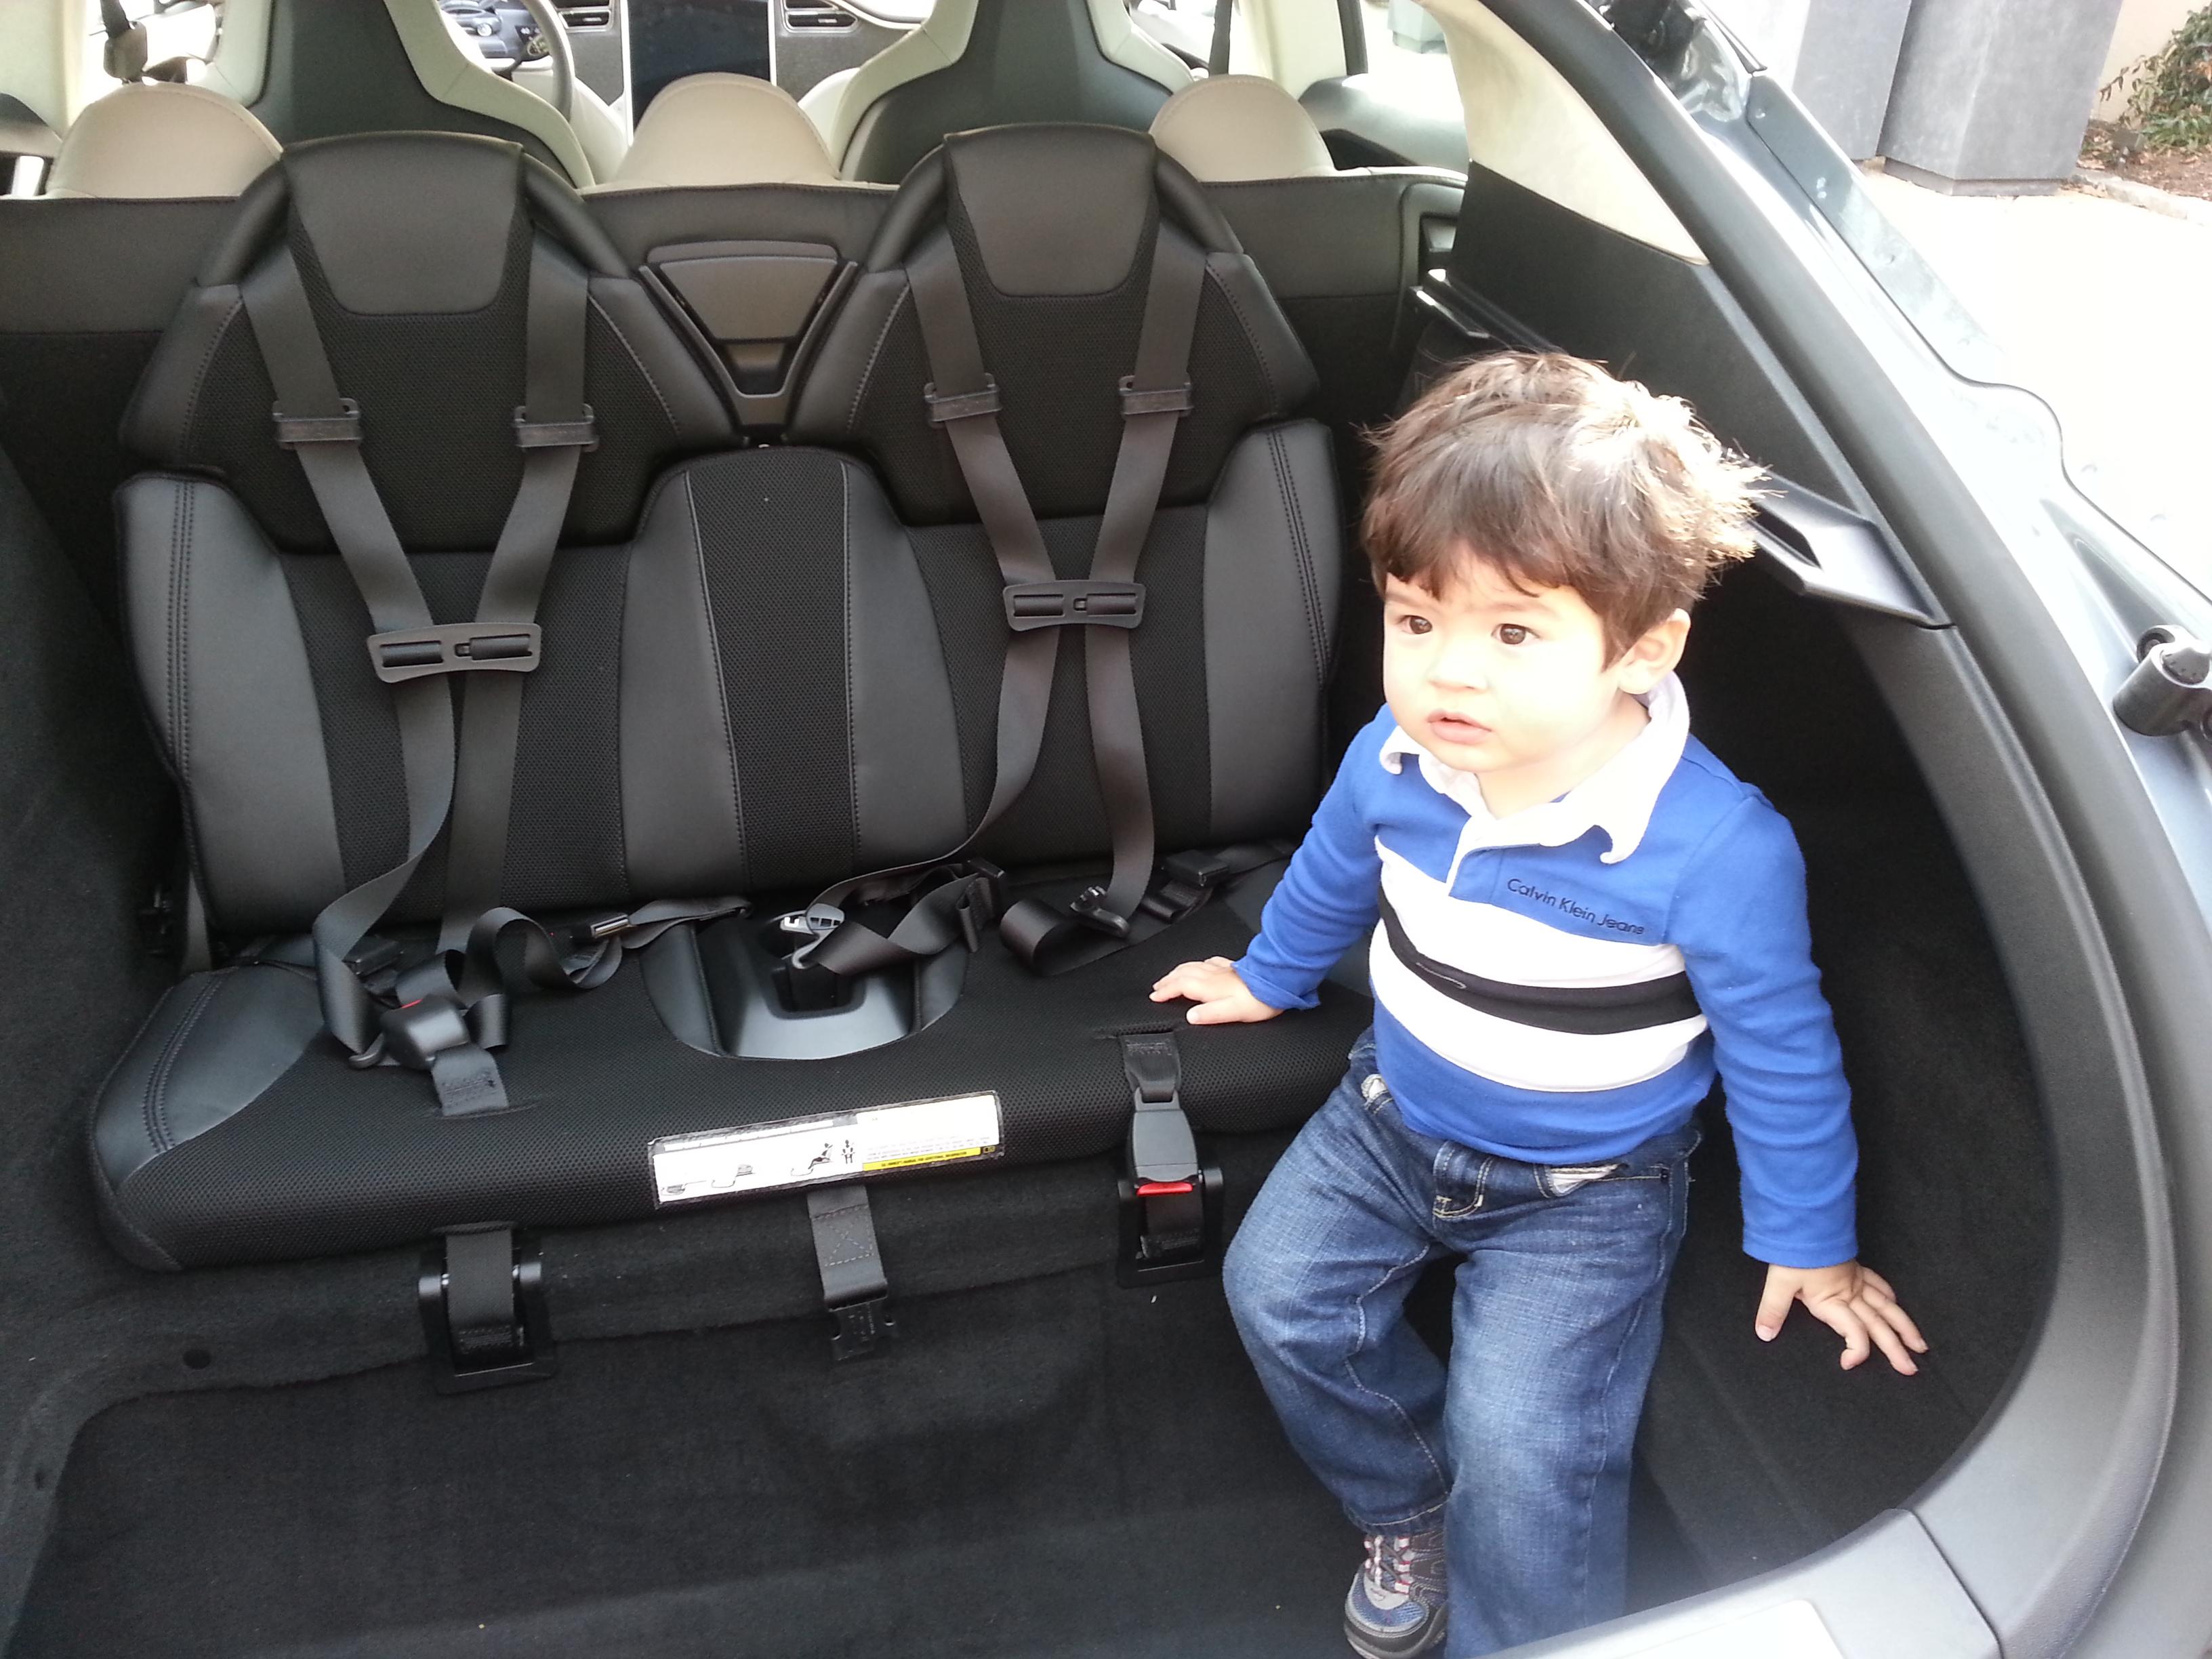 U Locks Car Seats